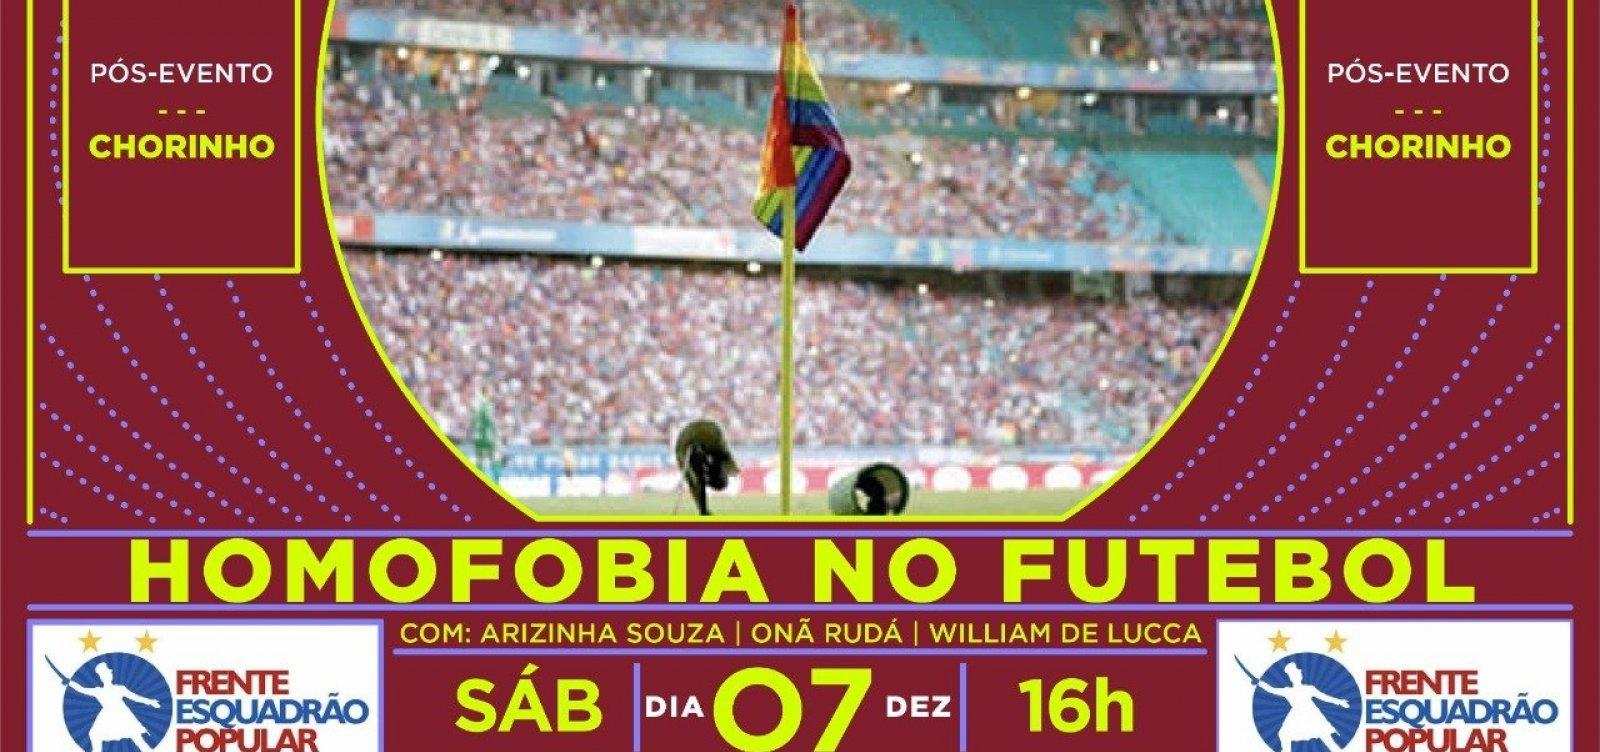 [Torcida organizada do Bahia promove debate amanhã sobre homofobia no futebol]